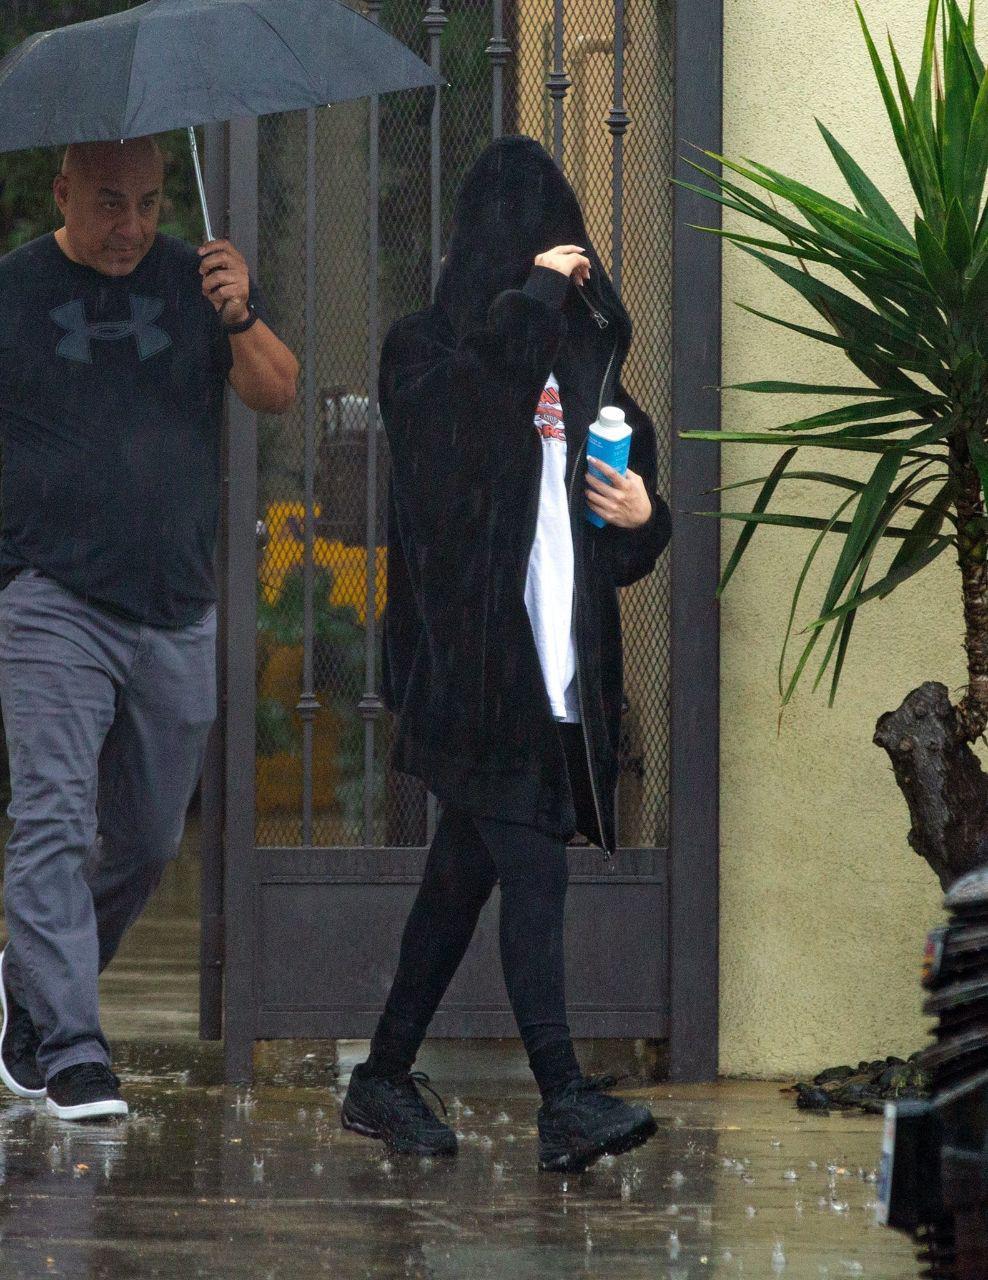 سلنا در حال خارج شدن از باشگاه در لس انجلس